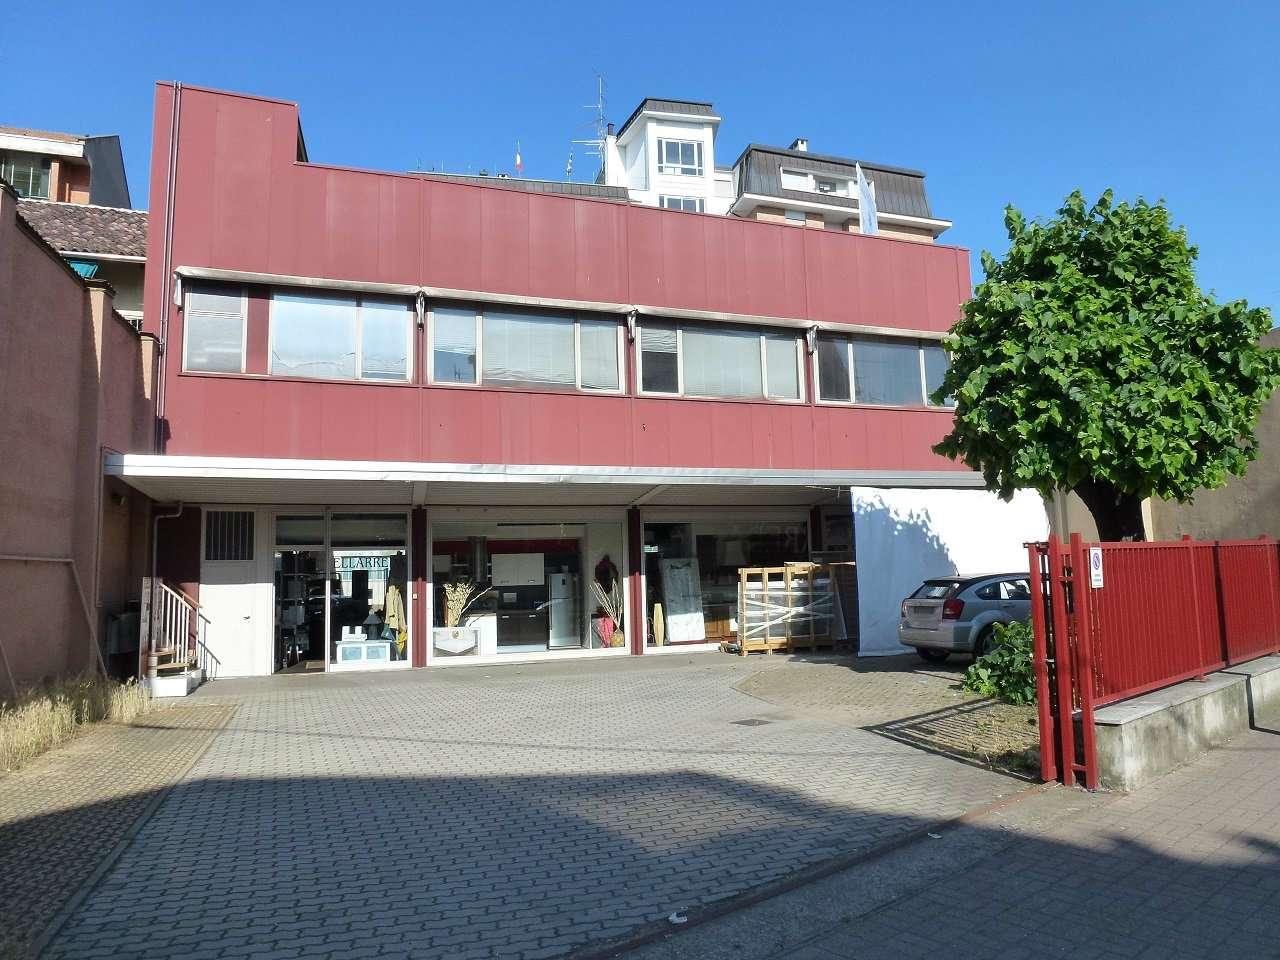 Immobile Commerciale in affitto a Vercelli, 9999 locali, prezzo € 990 | CambioCasa.it